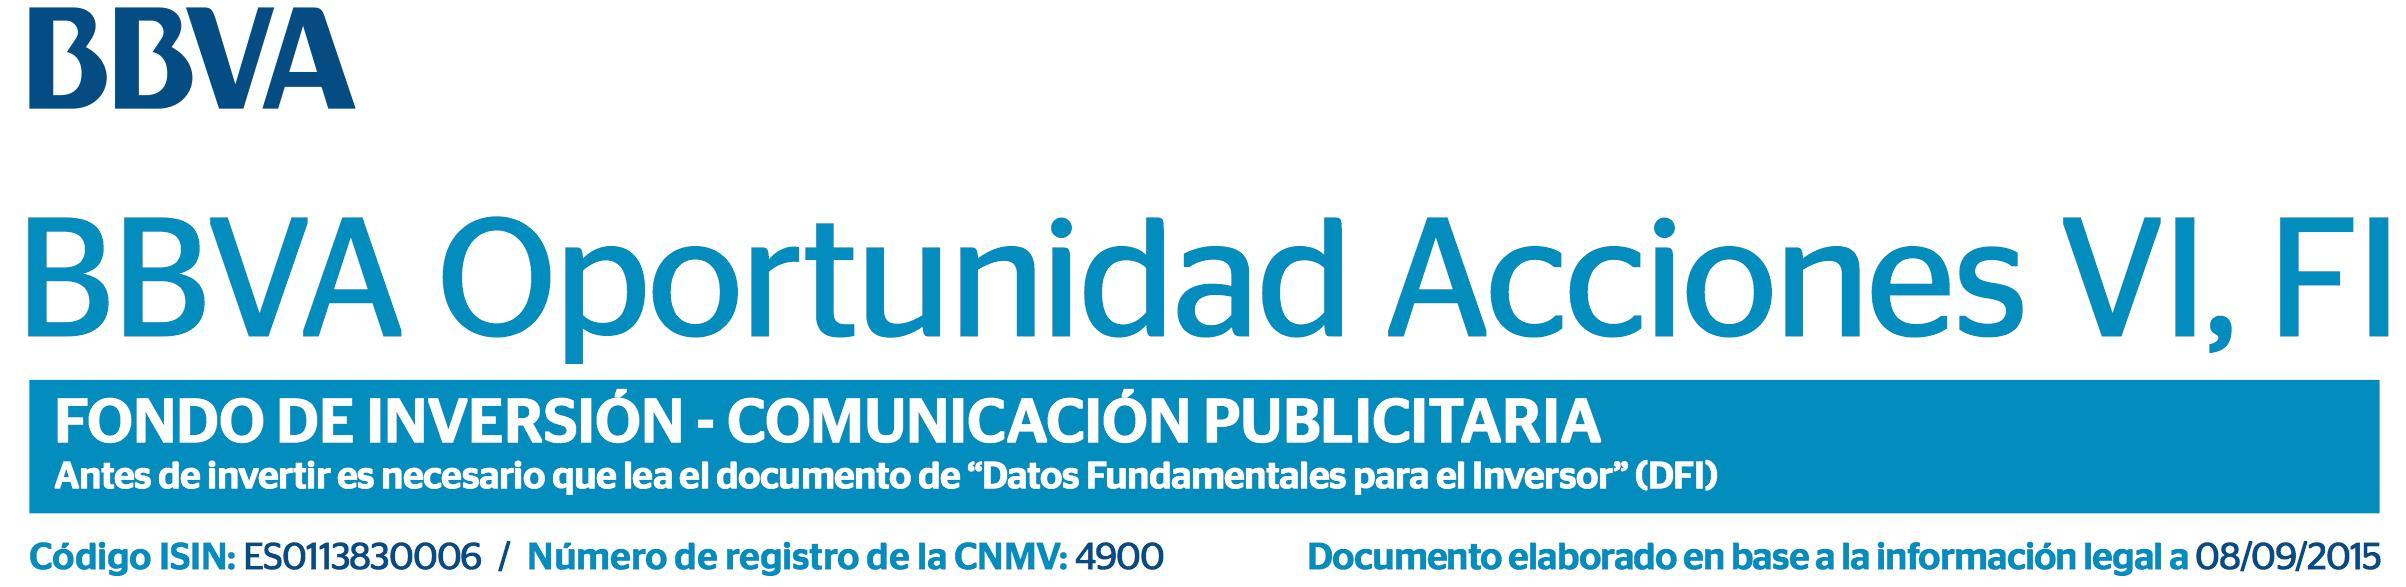 Logo BBVA Oportunidad Acciones VI